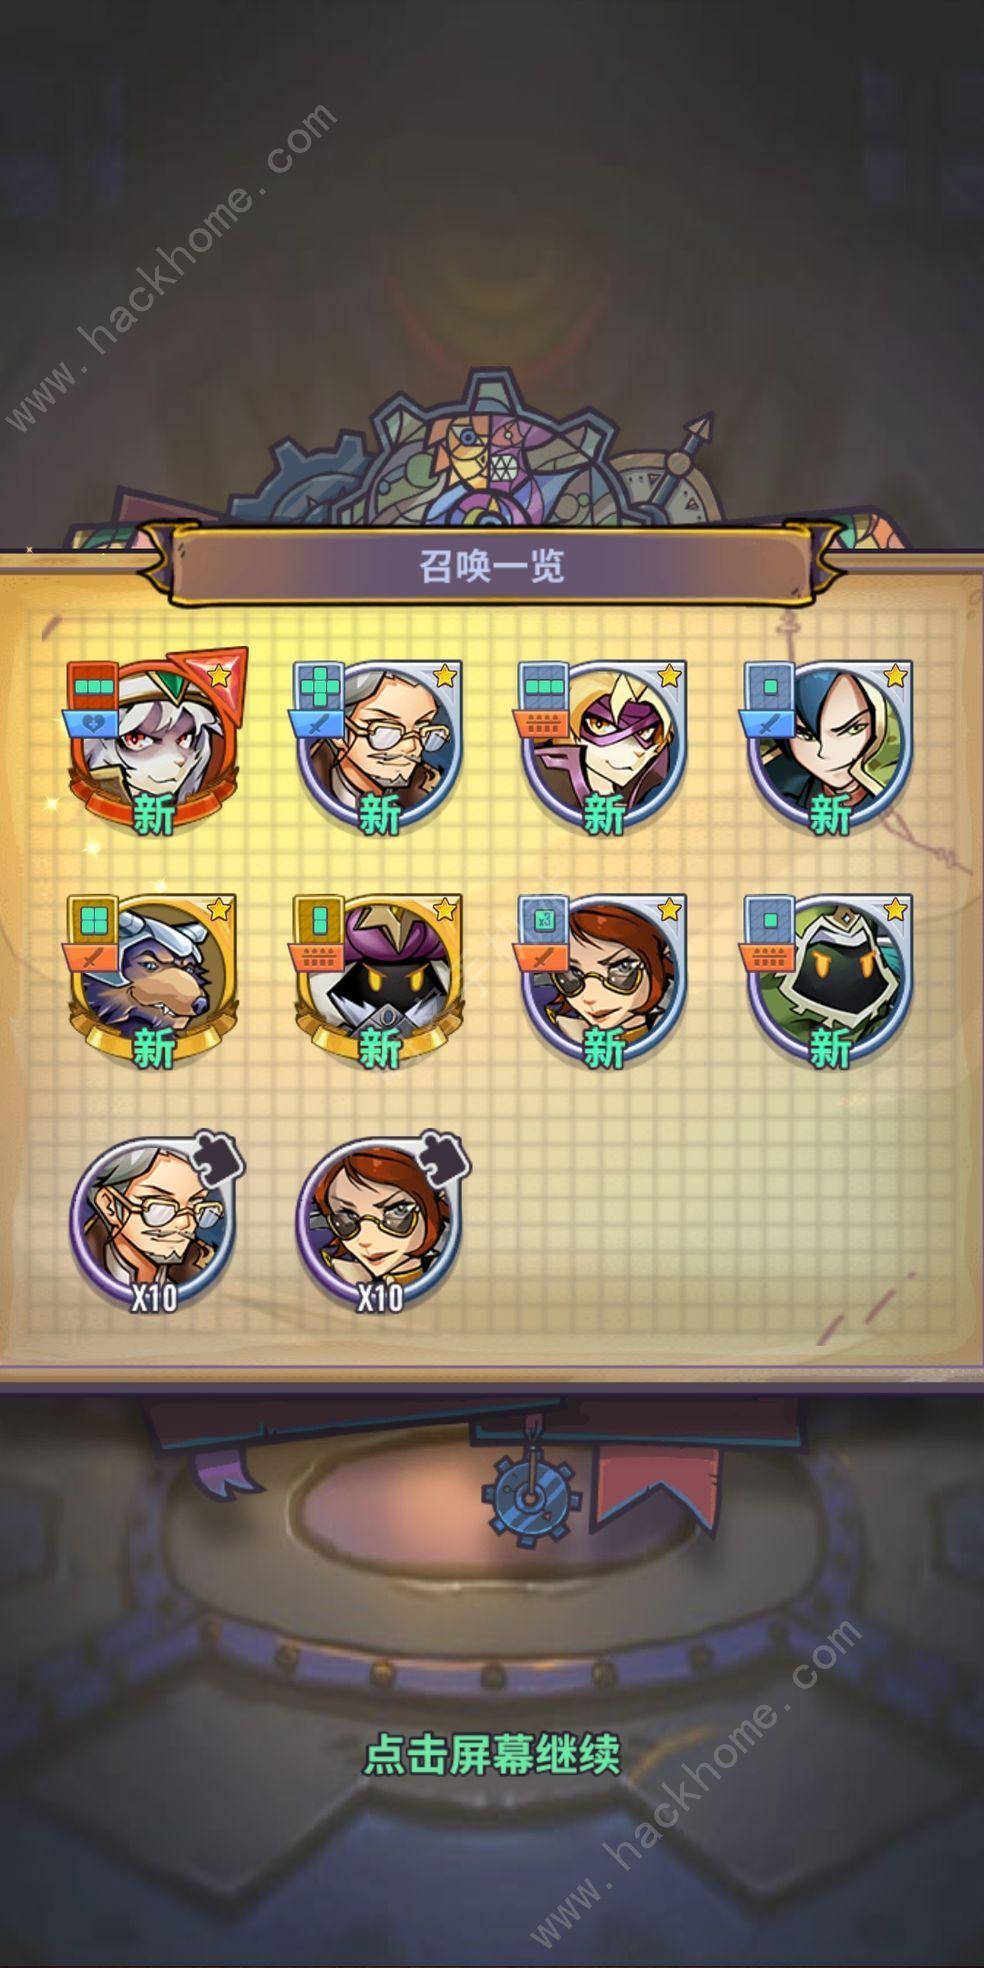 巨像骑士团角色哪个好用 各类好用角色有哪些[多图]图片2